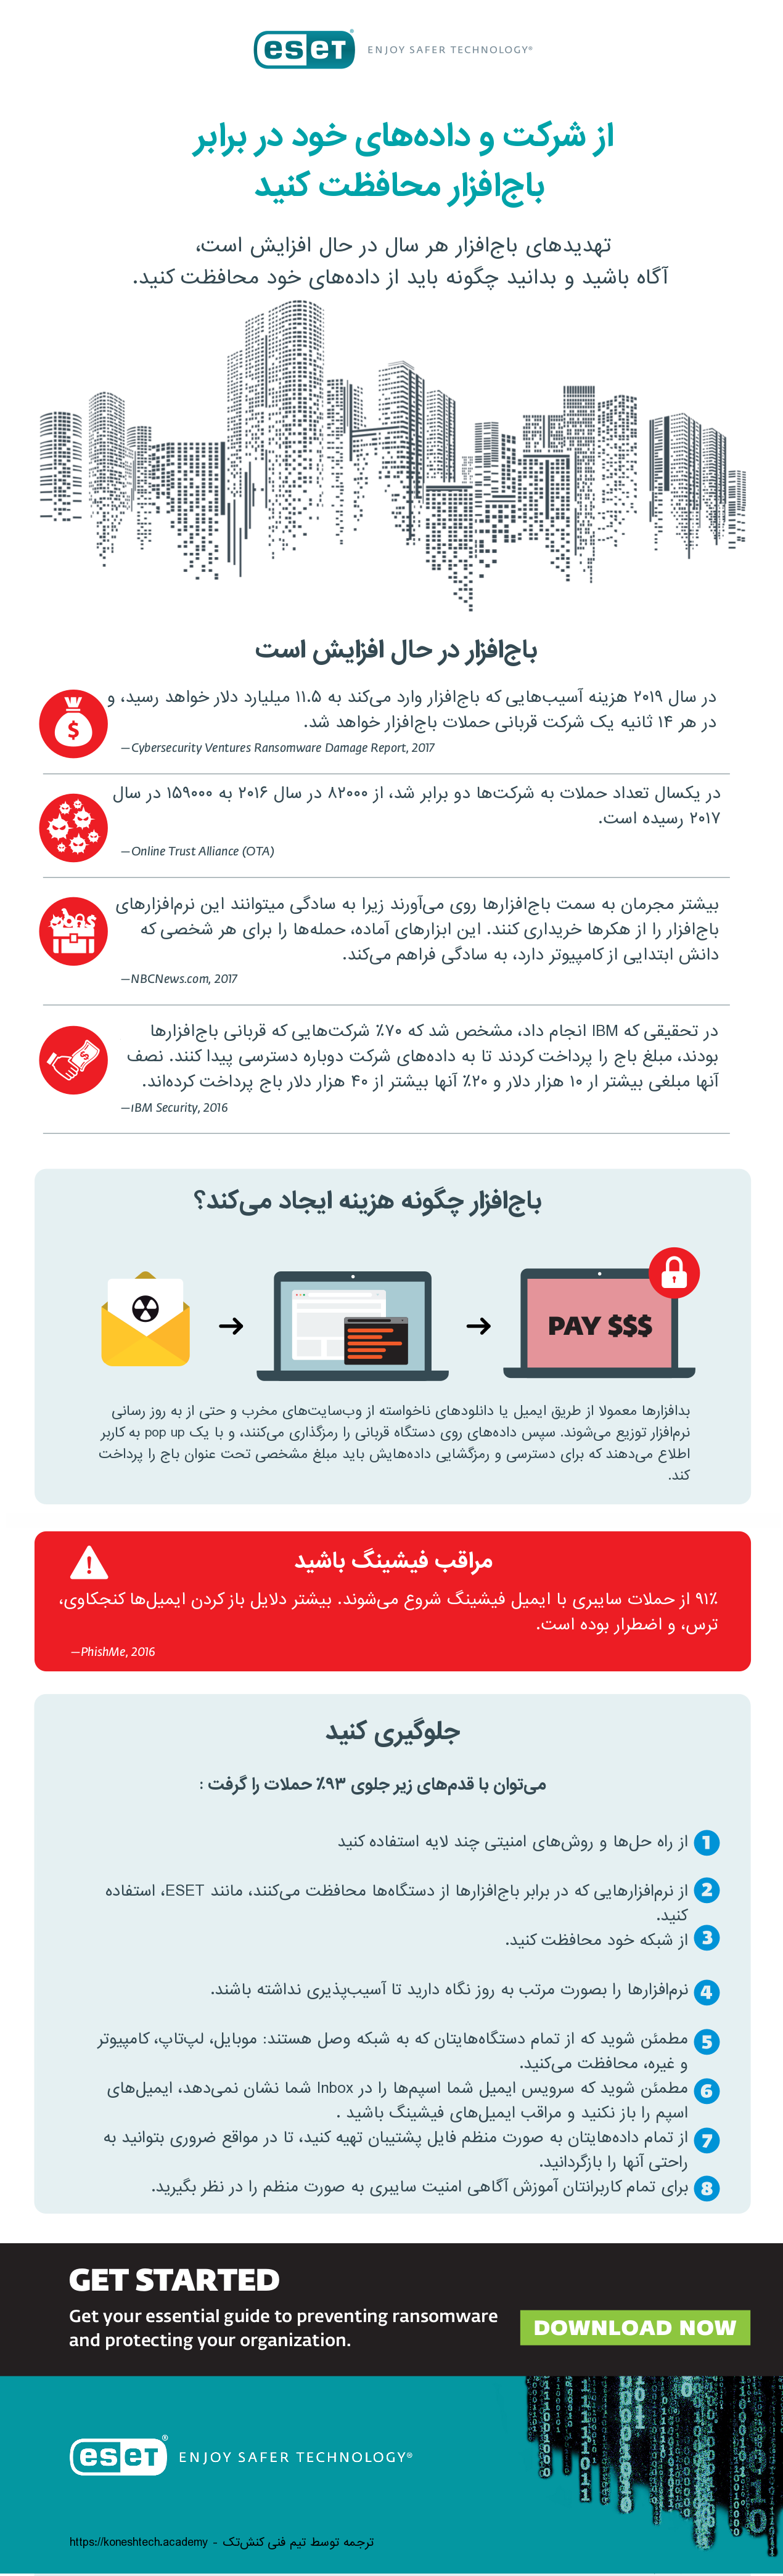 اینفوگرافیک حملات باجافزار در حال افزایش است